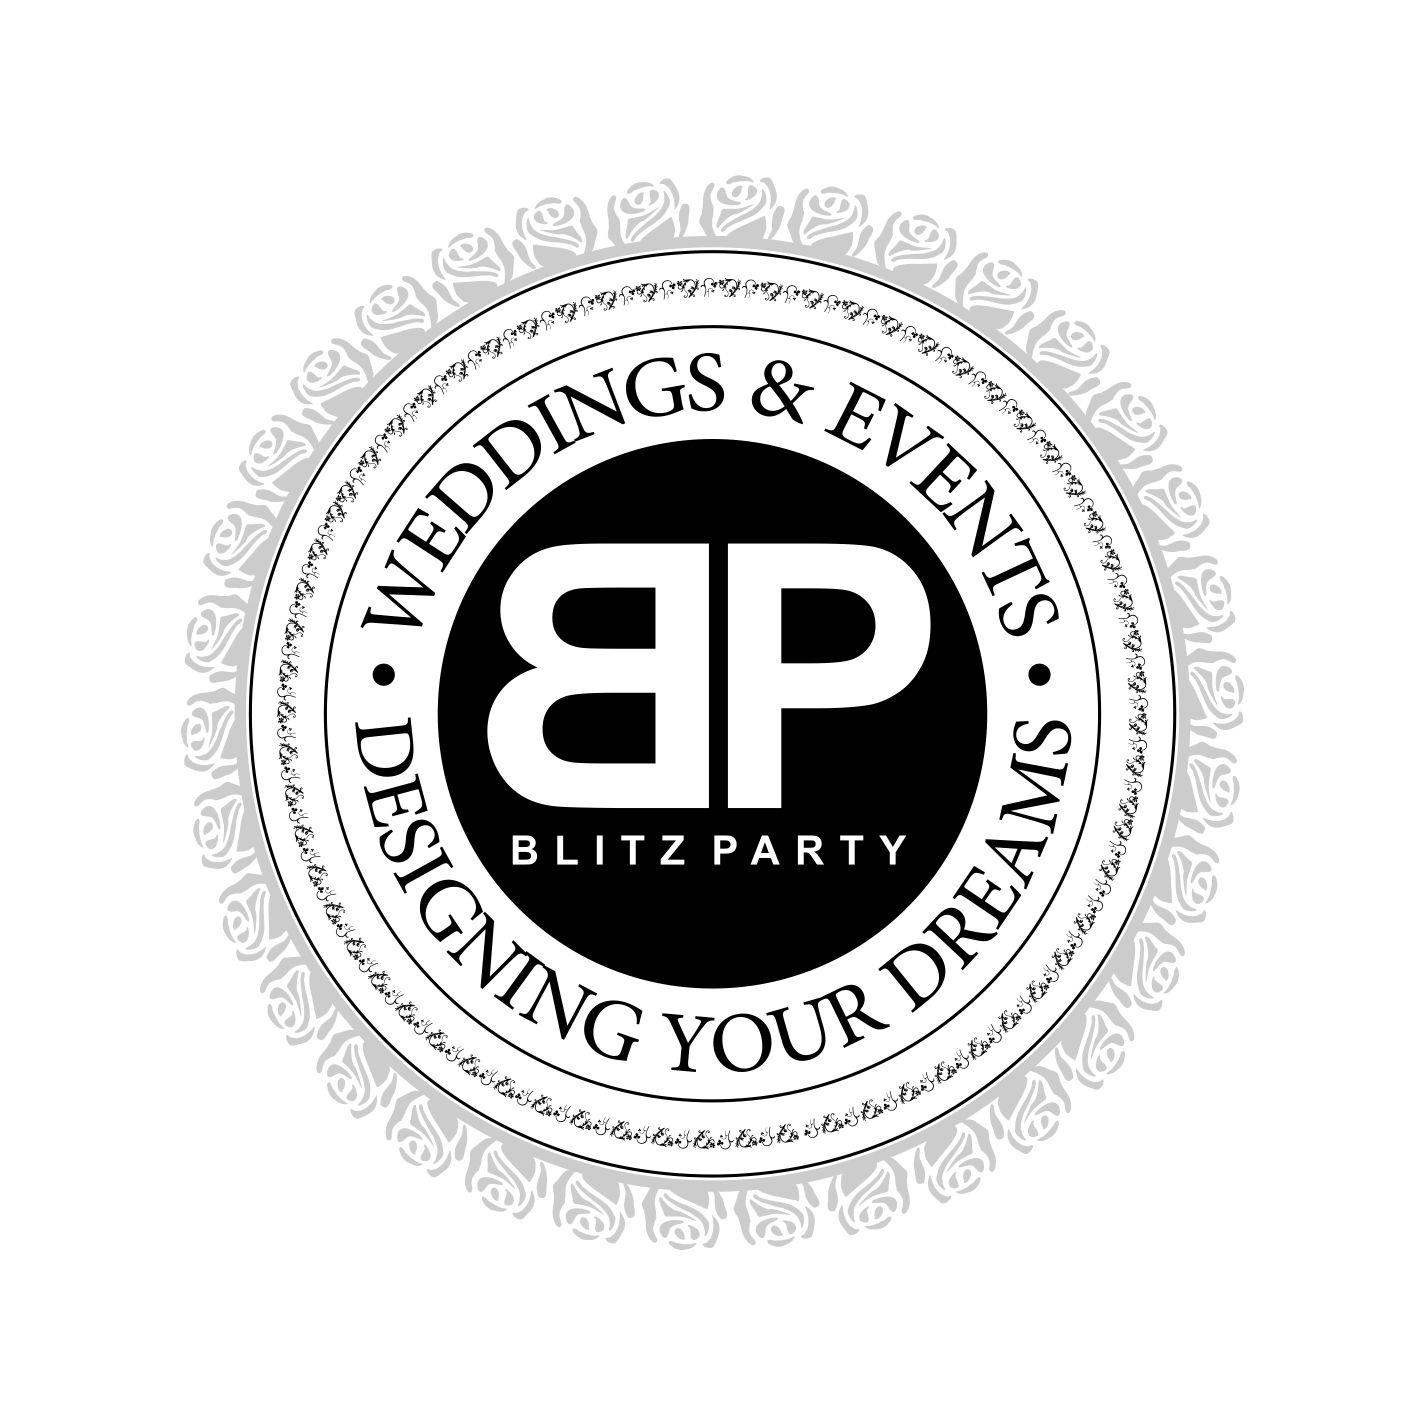 Blitz Party